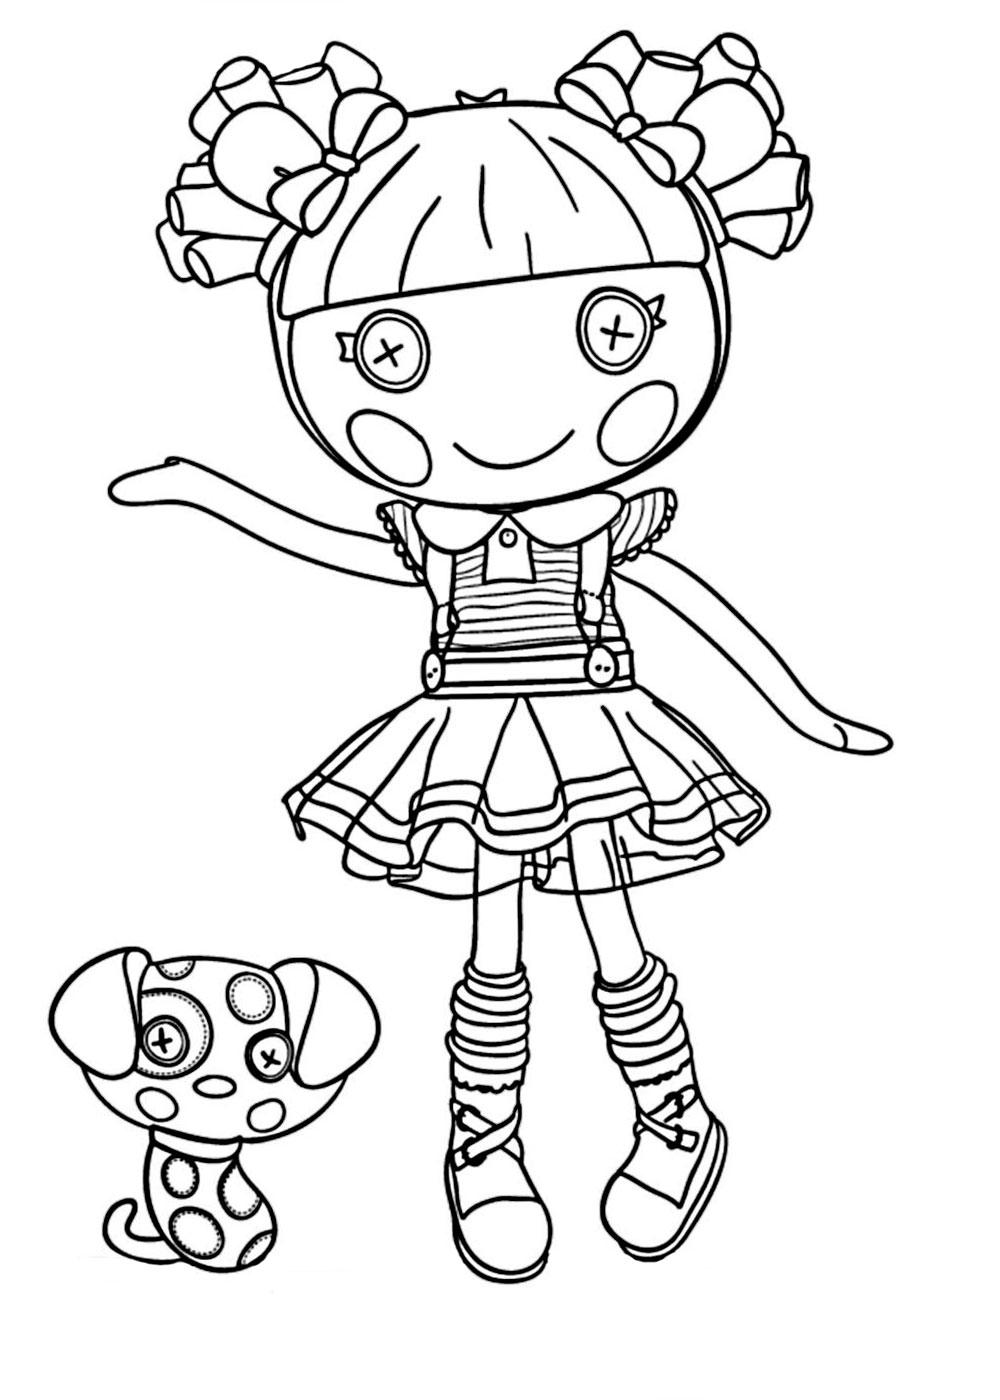 coloring pages lalaloopsy dolls lalaloopsy peanut big top coloring page free printable pages lalaloopsy coloring dolls